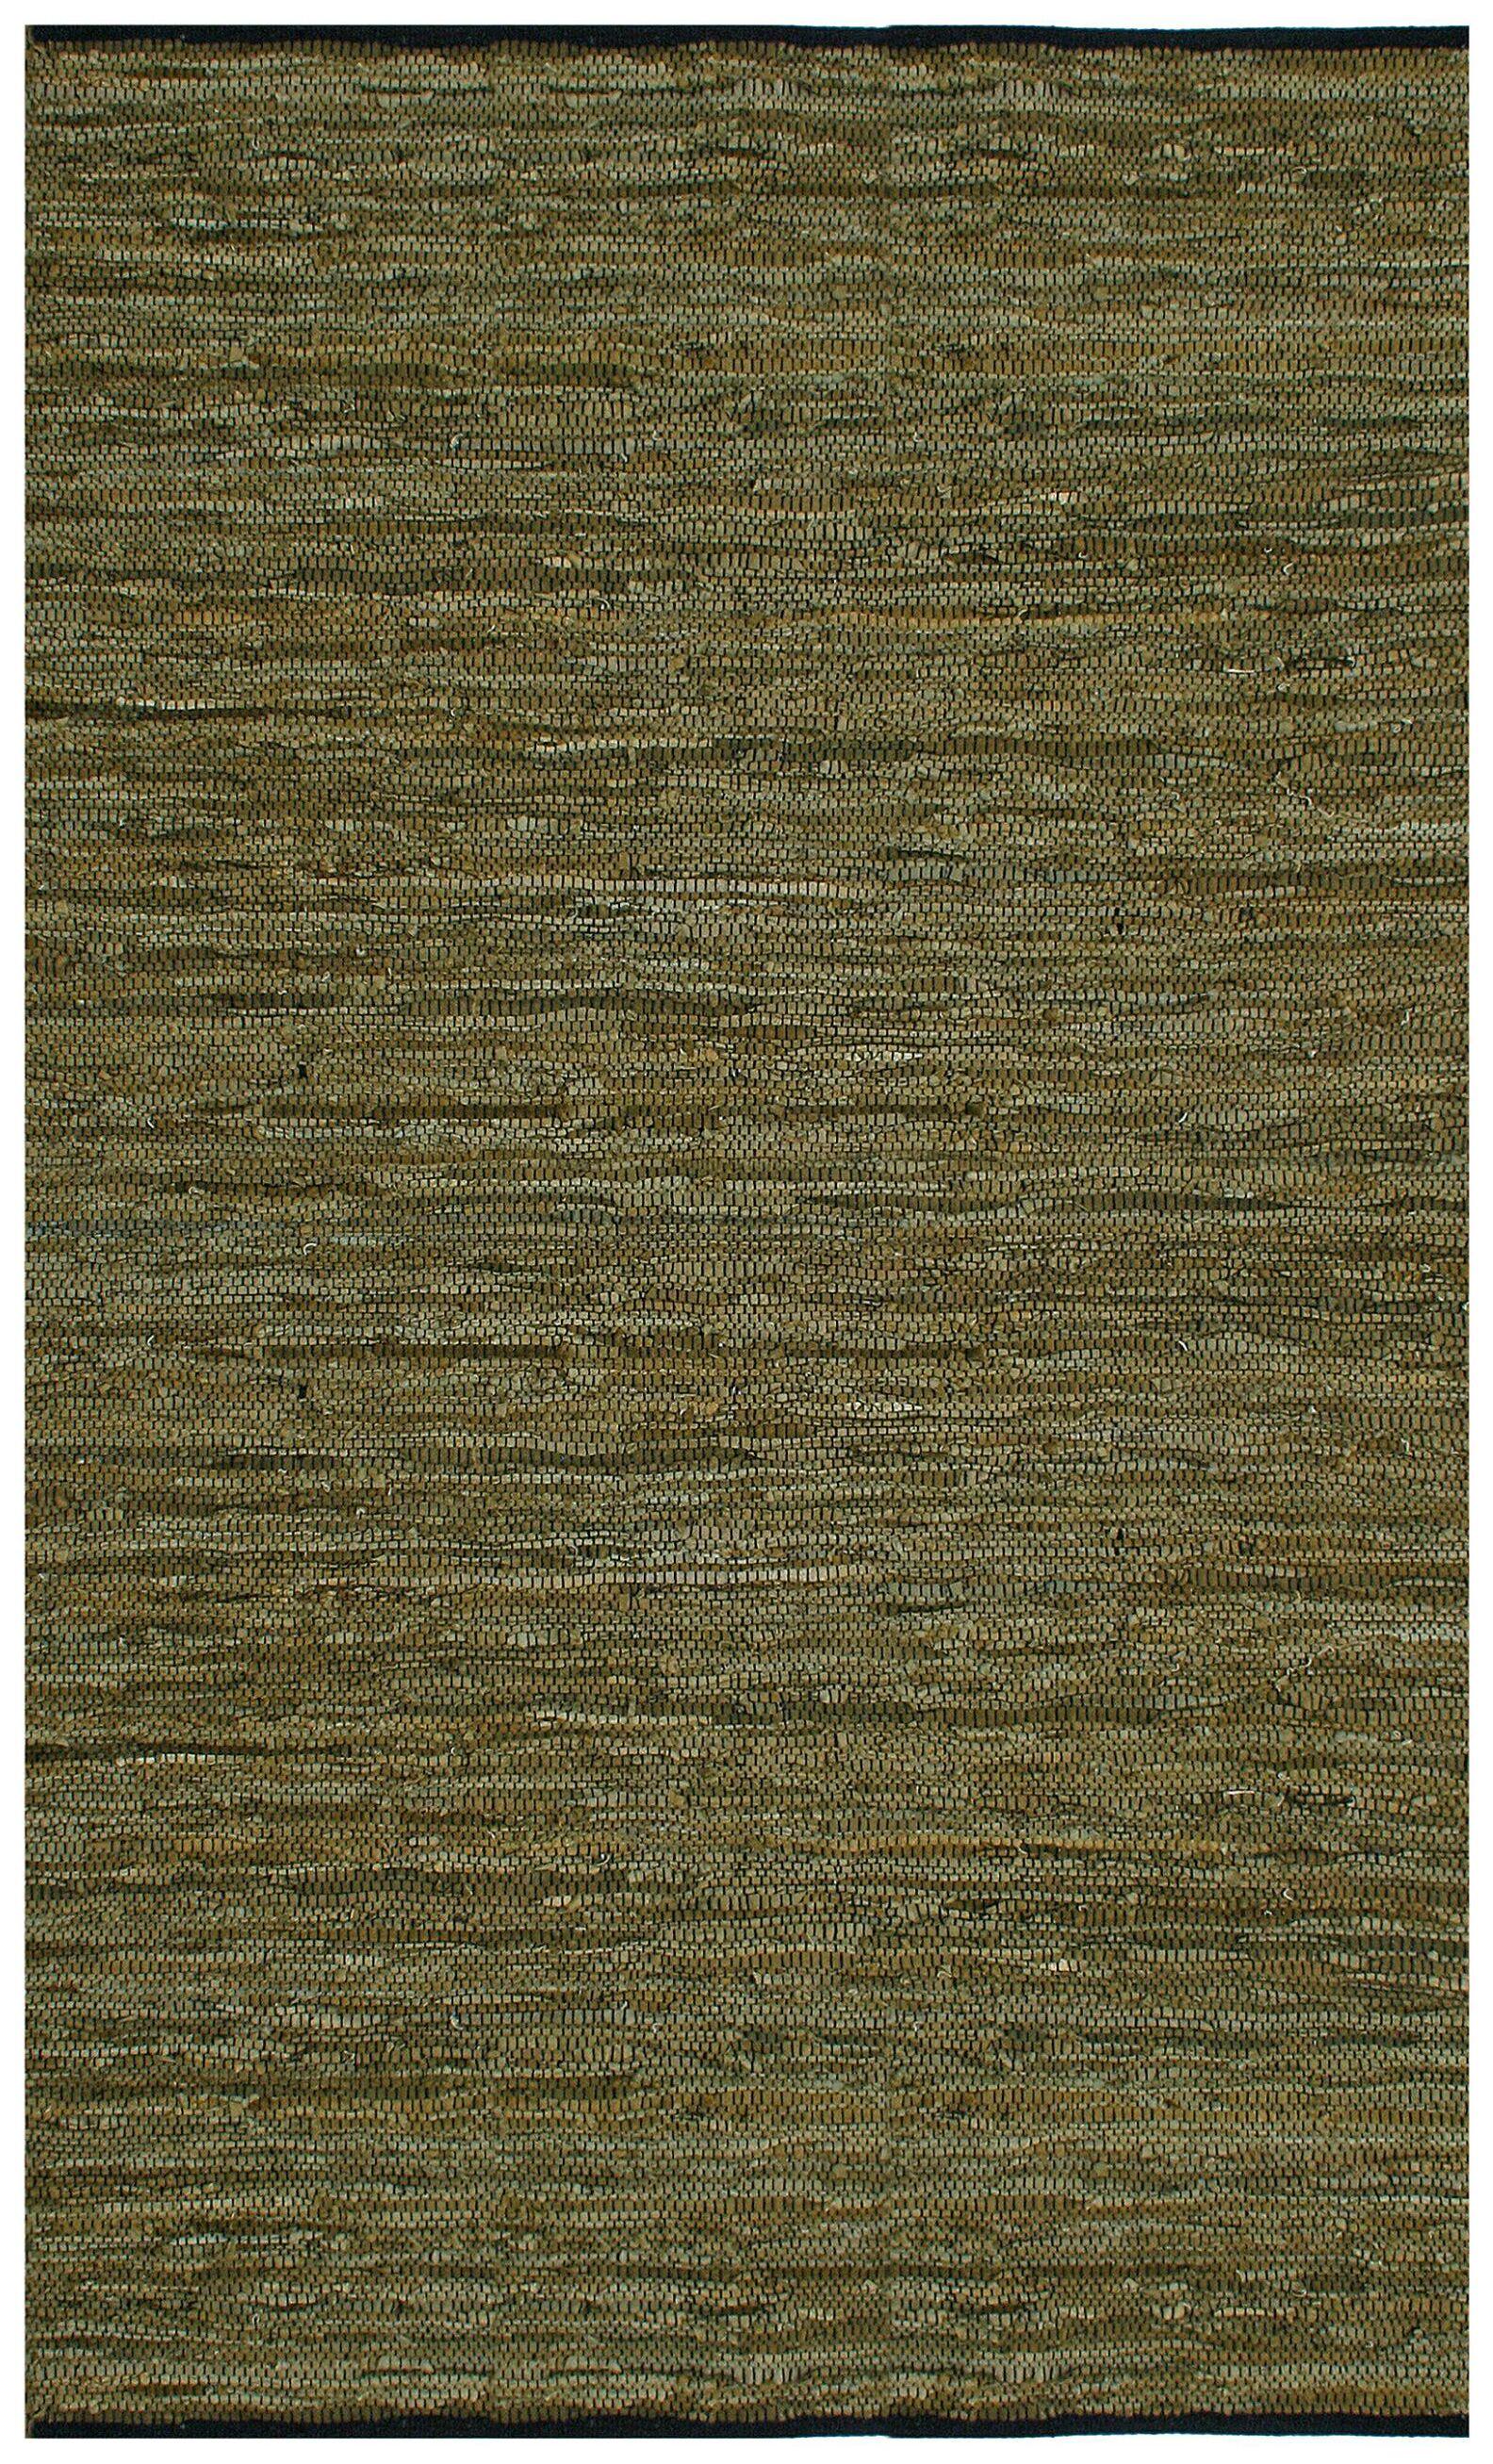 Sandford Leather Chindi Green Rug Rug Size: 5' x 8'